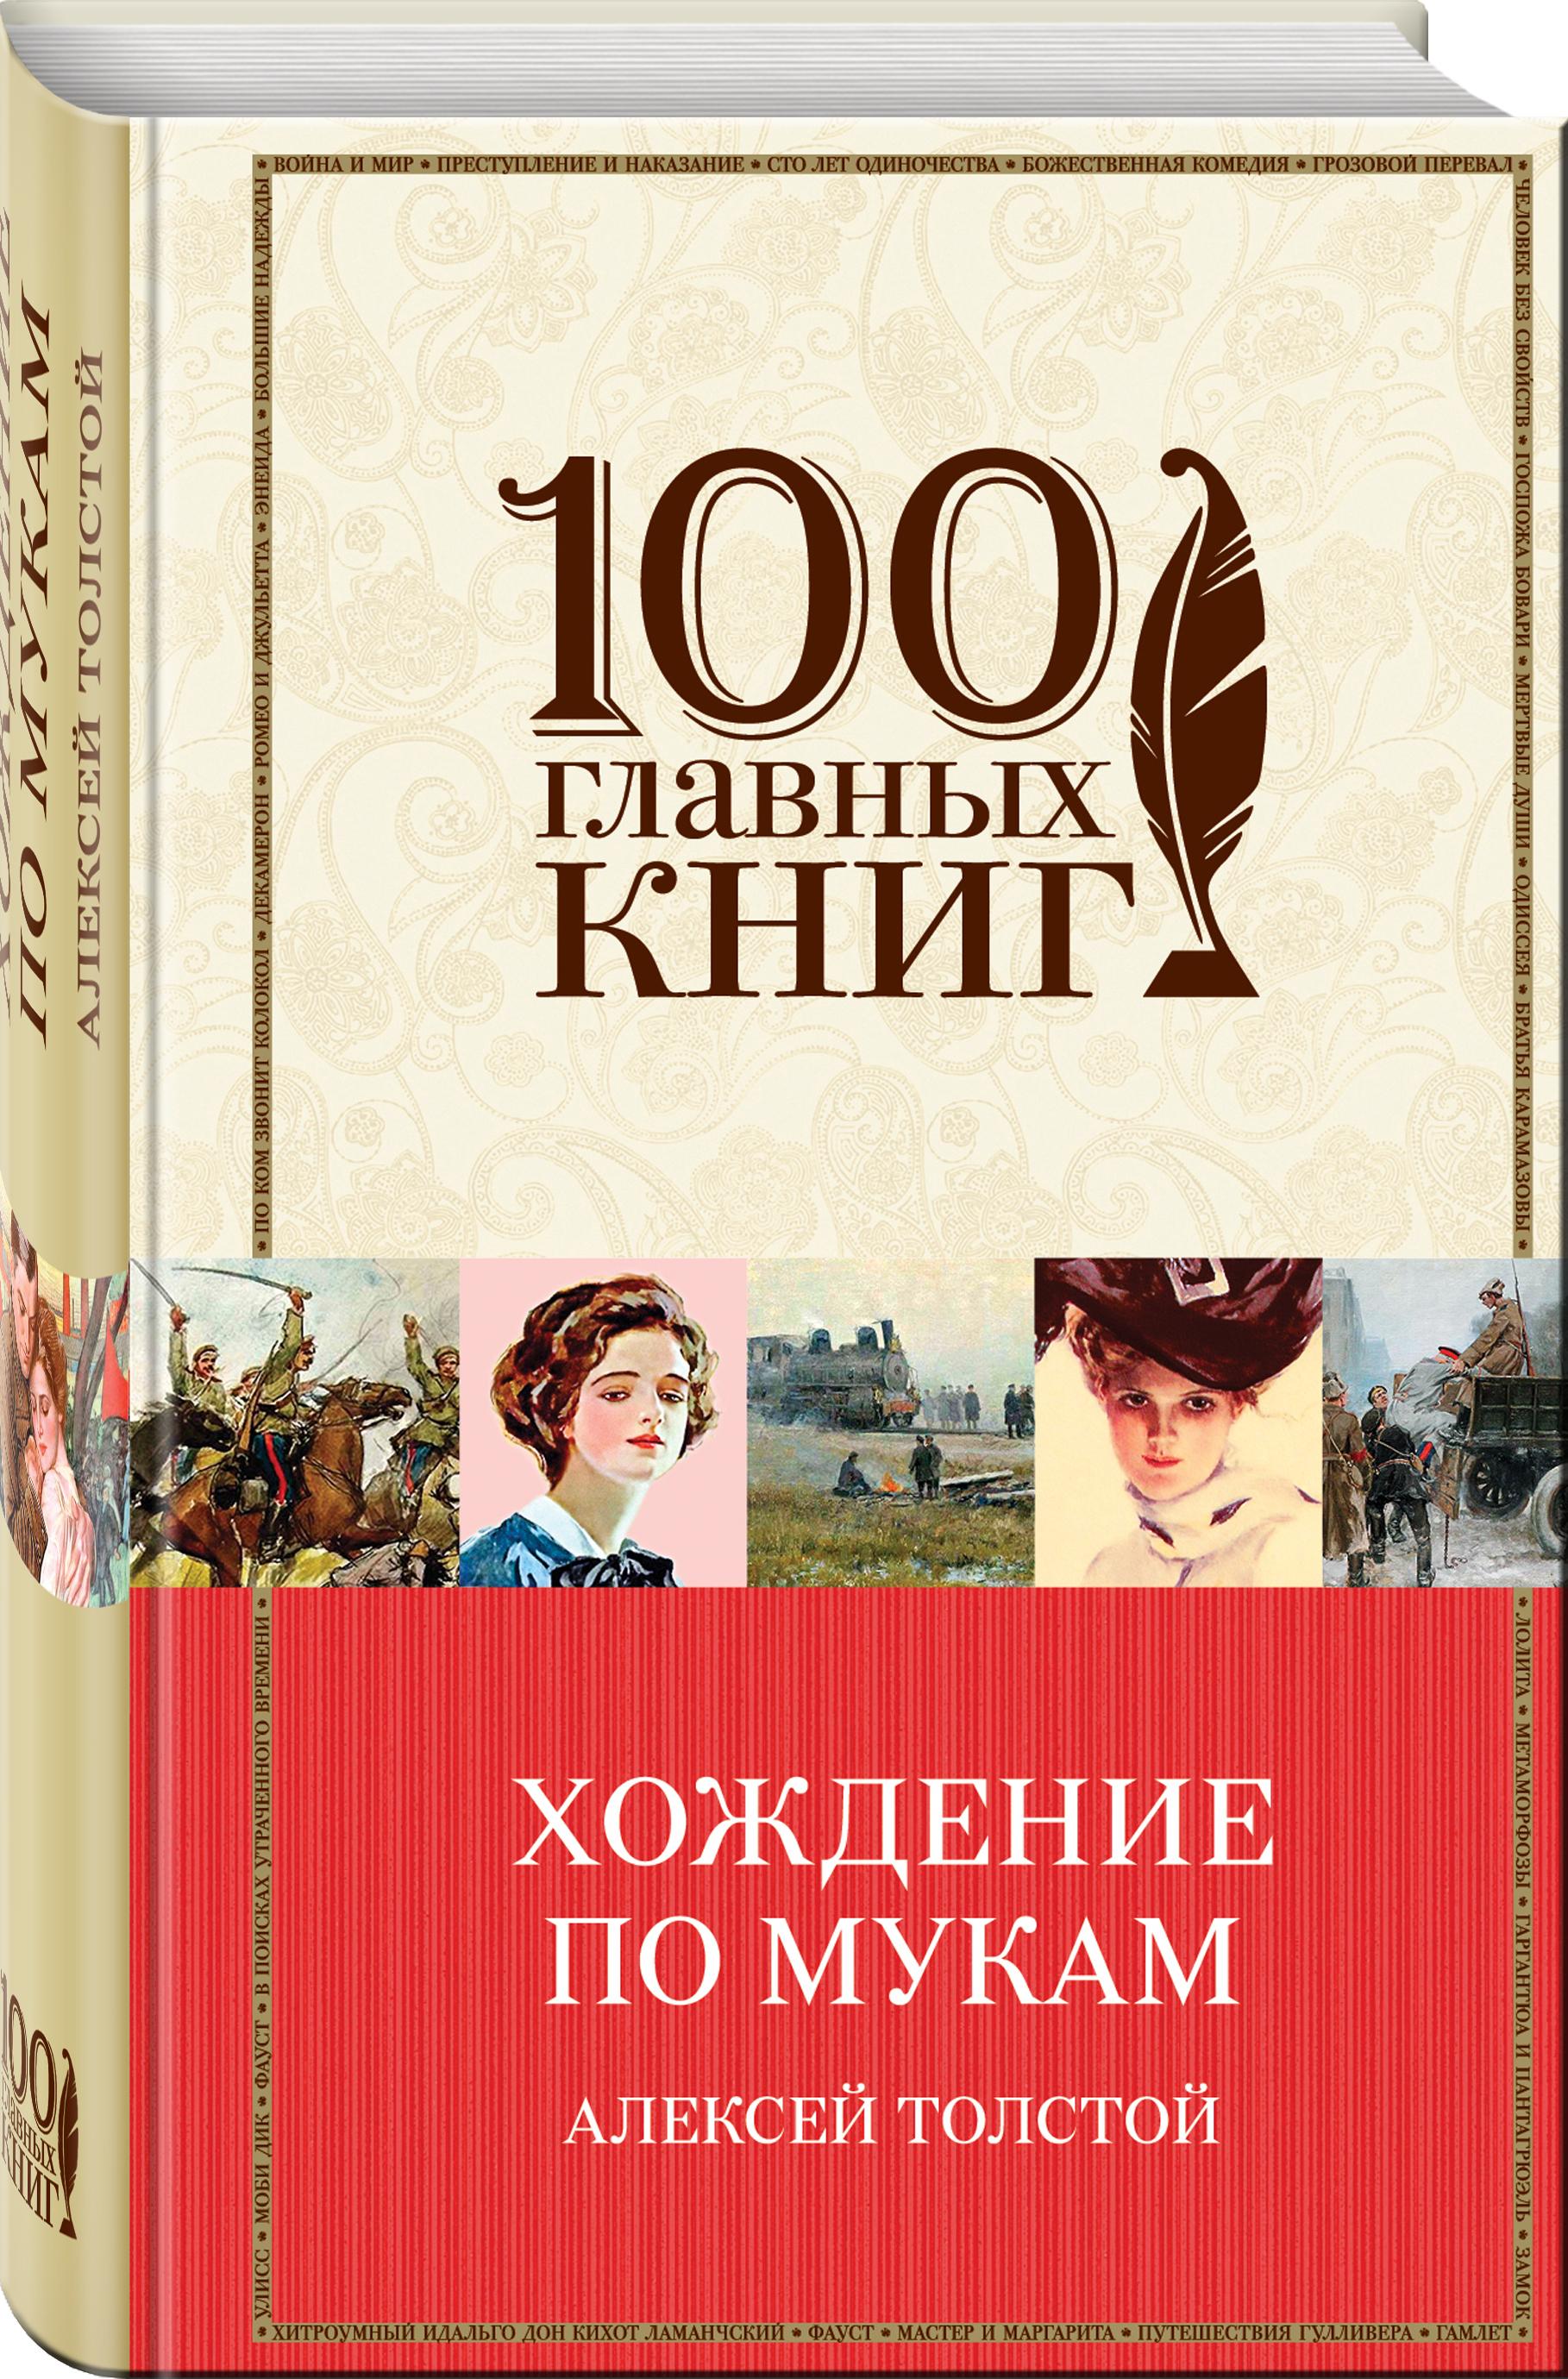 Алексей Толстой Хождение по мукам алексей толстой хождение по мукам